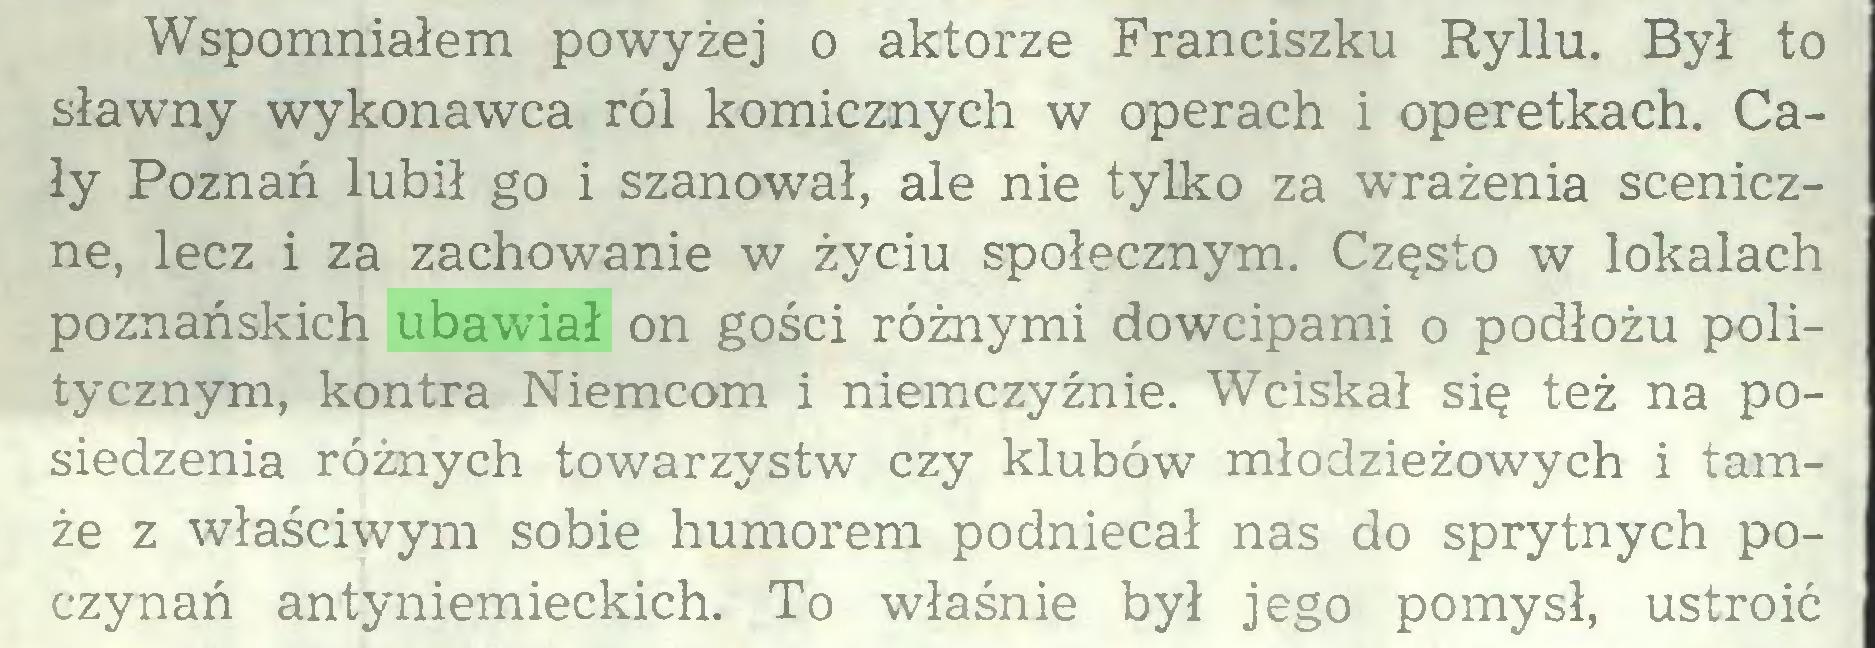 (...) Wspomniałem powyżej o aktorze Franciszku Ryllu. Był to sławny wykonawca ról komicznych w operach i operetkach. Cały Poznań lubił go i szanował, ale nie tylko za wrażenia sceniczne, lecz i za zachowanie w życiu społecznym. Często w lokalach poznańskich ubawiał on gości różnymi dowcipami o podłożu politycznym, kontra Niemcom i niemczyźnie. Wciskał się też na posiedzenia różnych towarzystw czy klubów młodzieżowych i tamże z właściwym sobie humorem podniecał nas do sprytnych poczynań antyniemieckich. To właśnie był jego pomysł, ustroić...